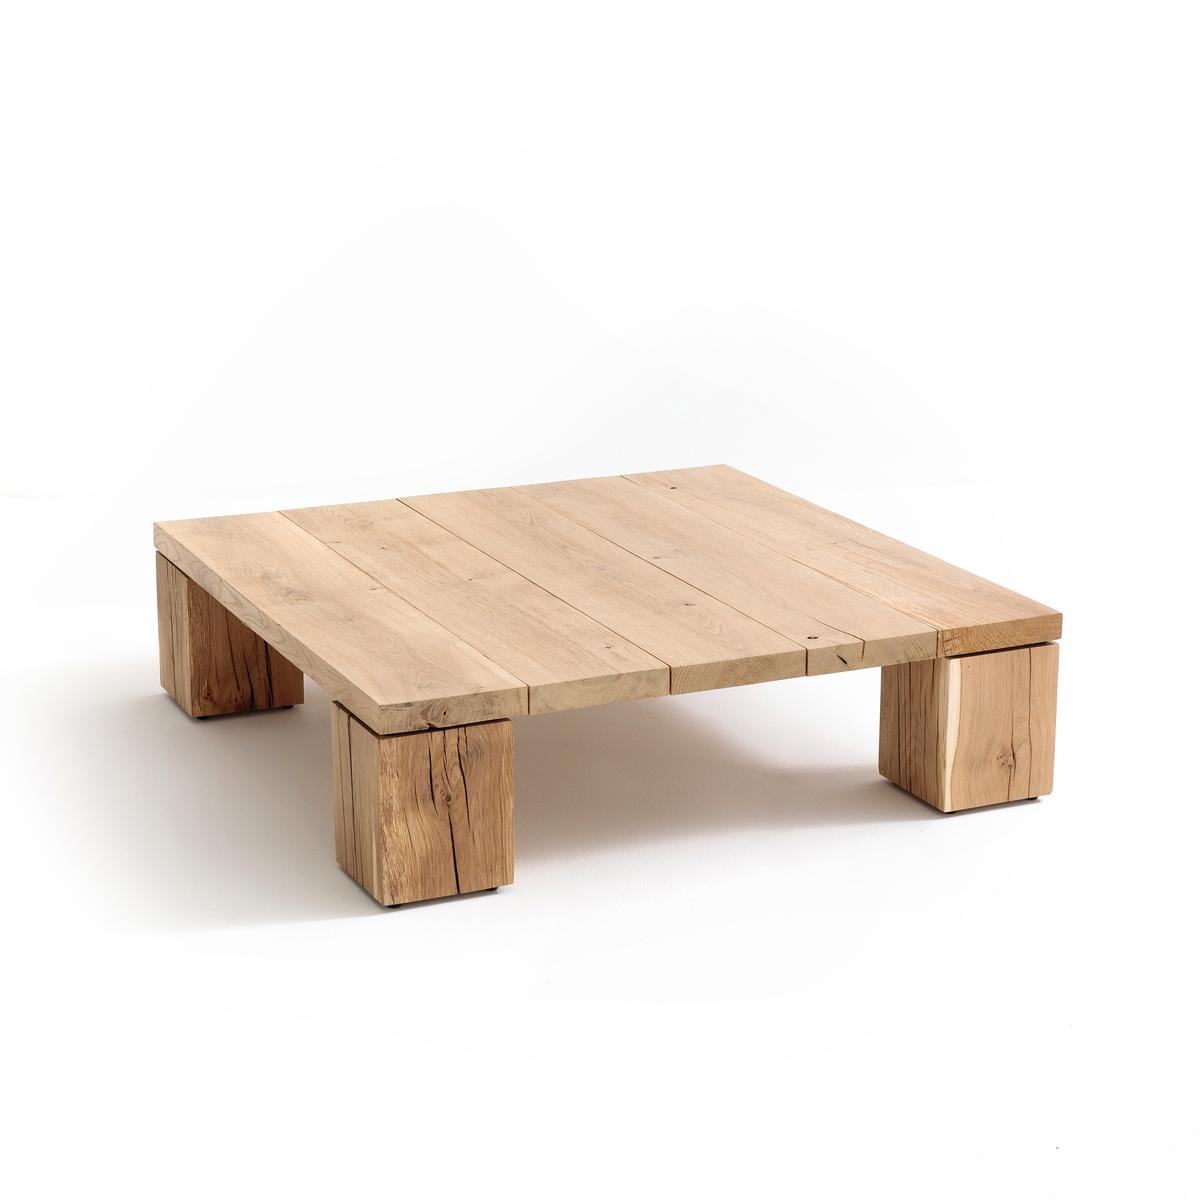 Журнальный столик из массива дуба Merlin столик журнальный квадратный из массива дуба crueso